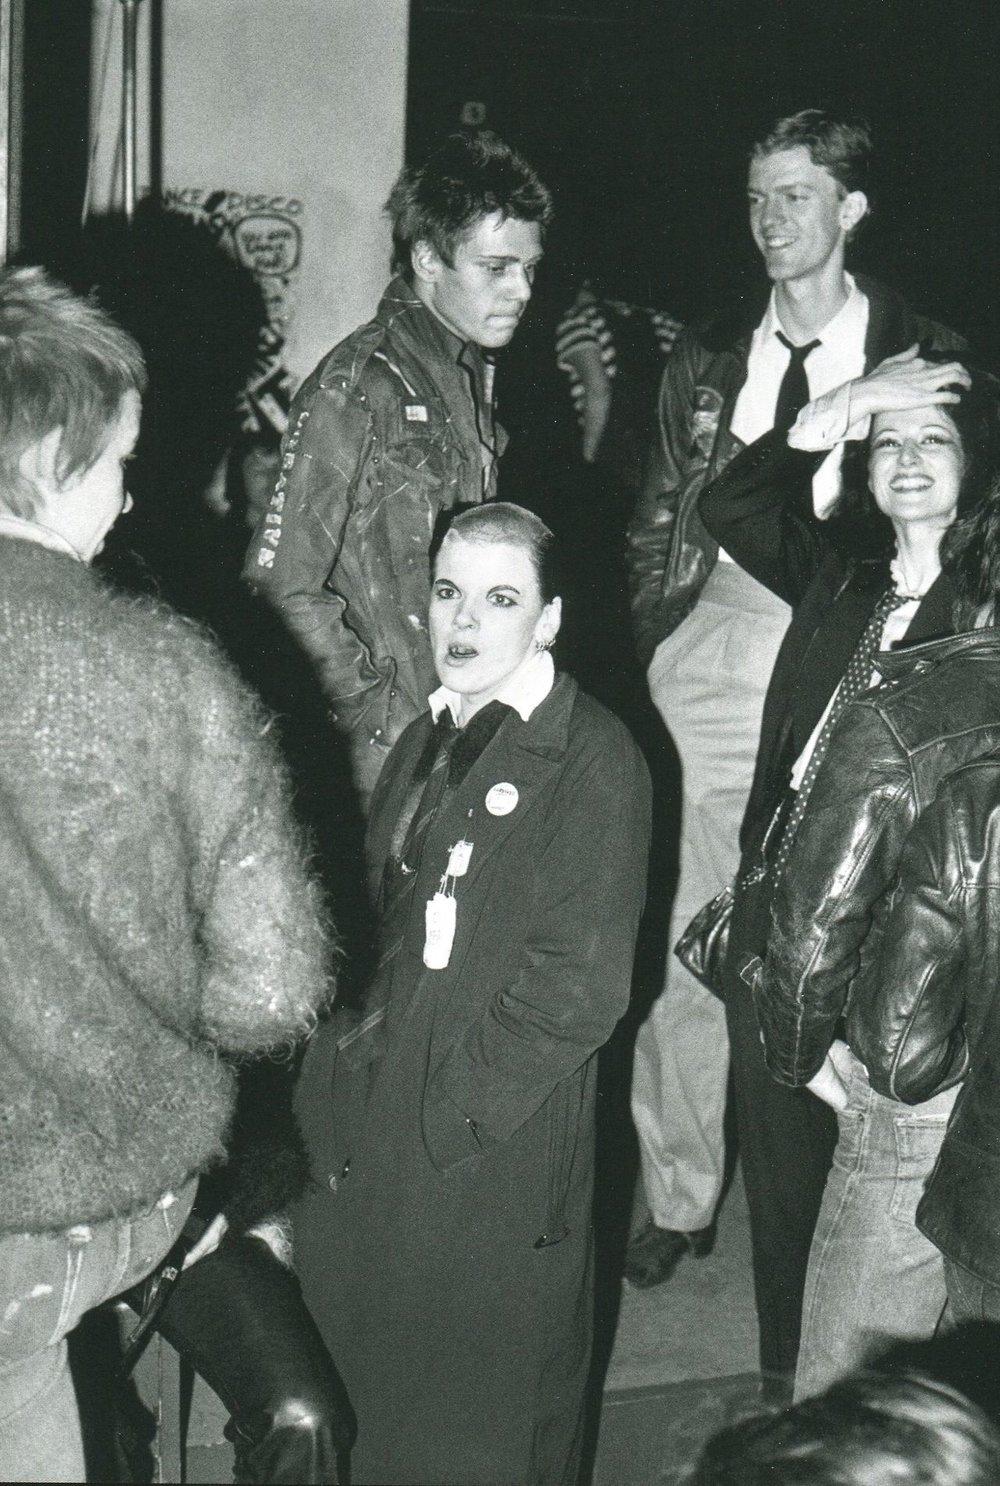 Punks junto a miembros de The Clash la noche de su show en el ICA. Fotografía: Sheila Rock